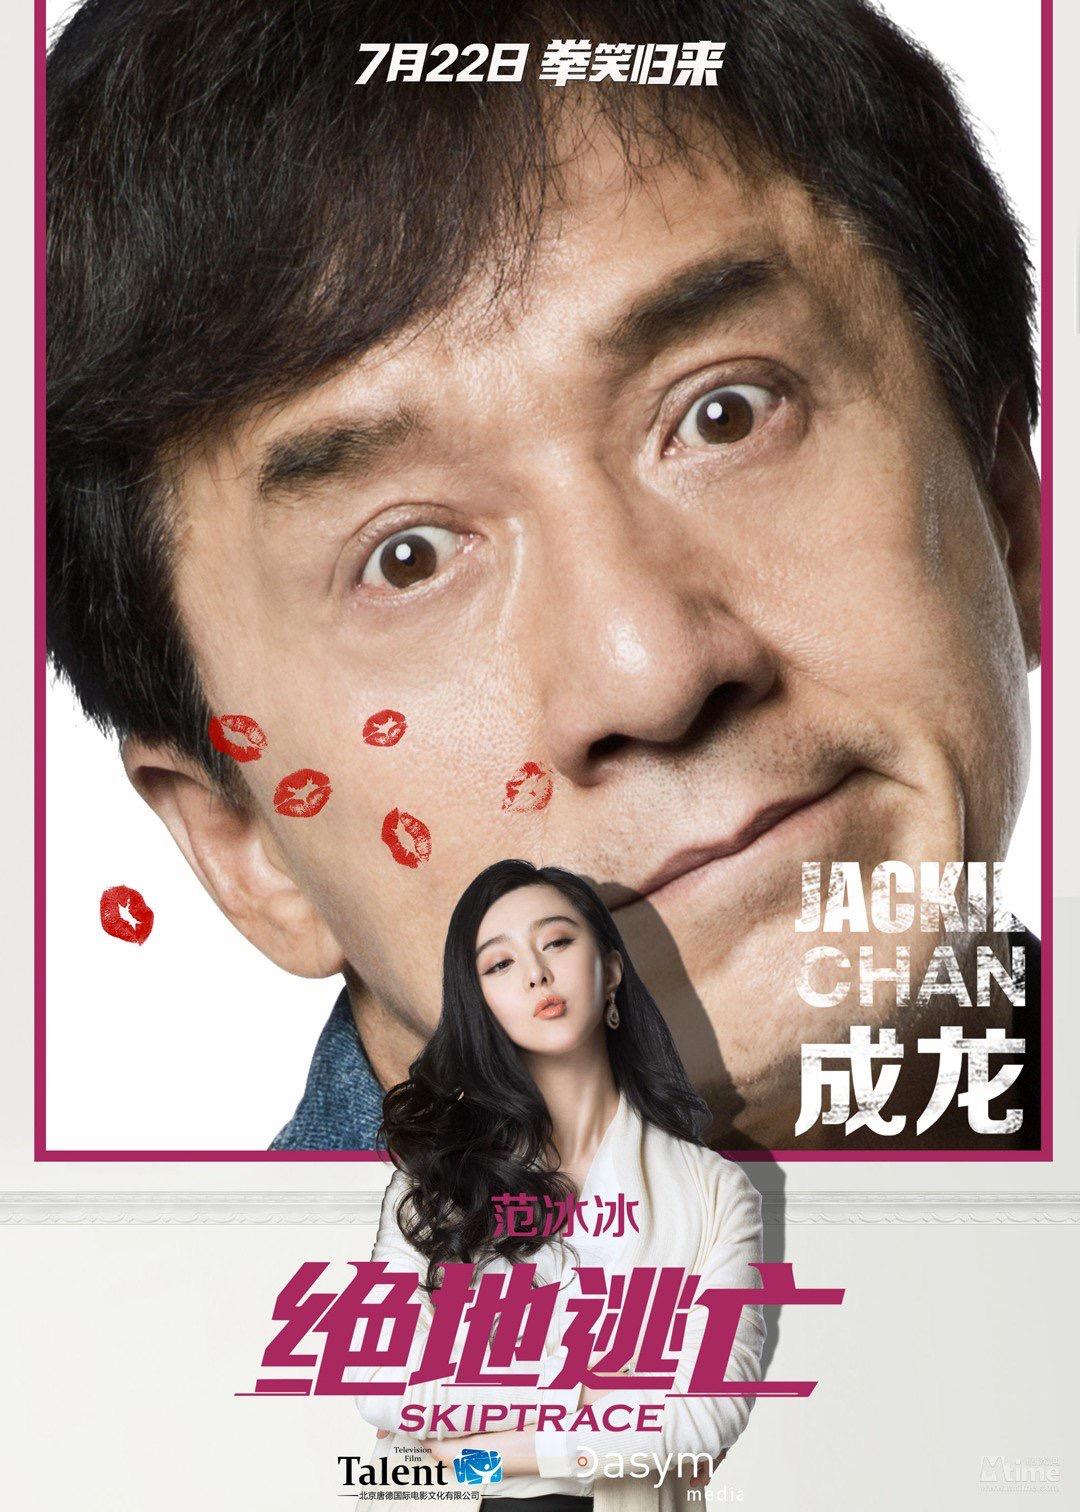 Трейлеры и промо-материалы к грядущим фильмам Джеки Чана 8